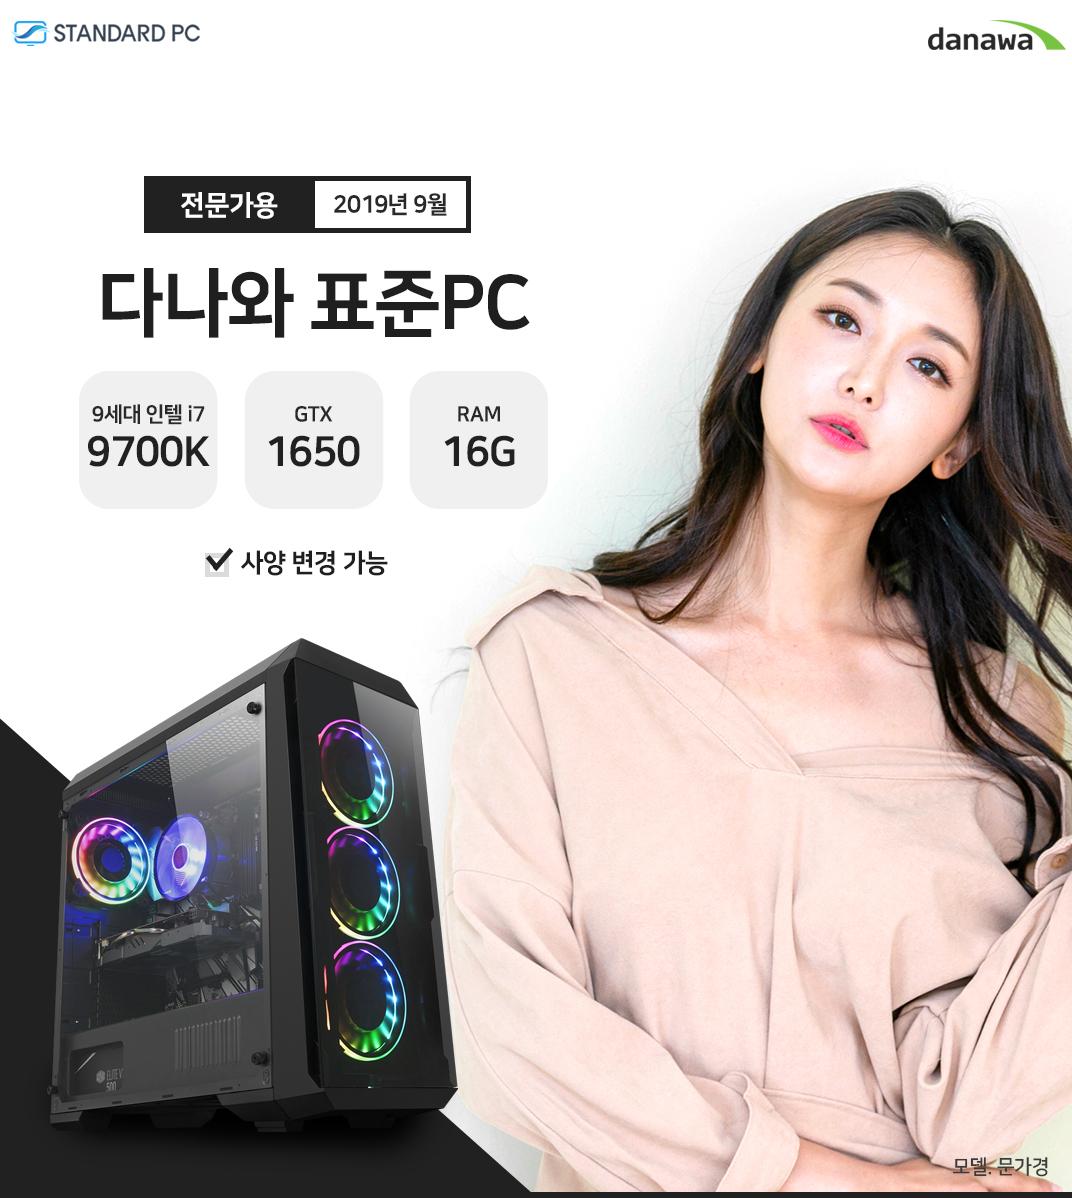 2019년 9월 다나와 표준PC 전문디자인용  인텔 i7-9세대 9700K GTX1650 RAM 16G 모델 문가경